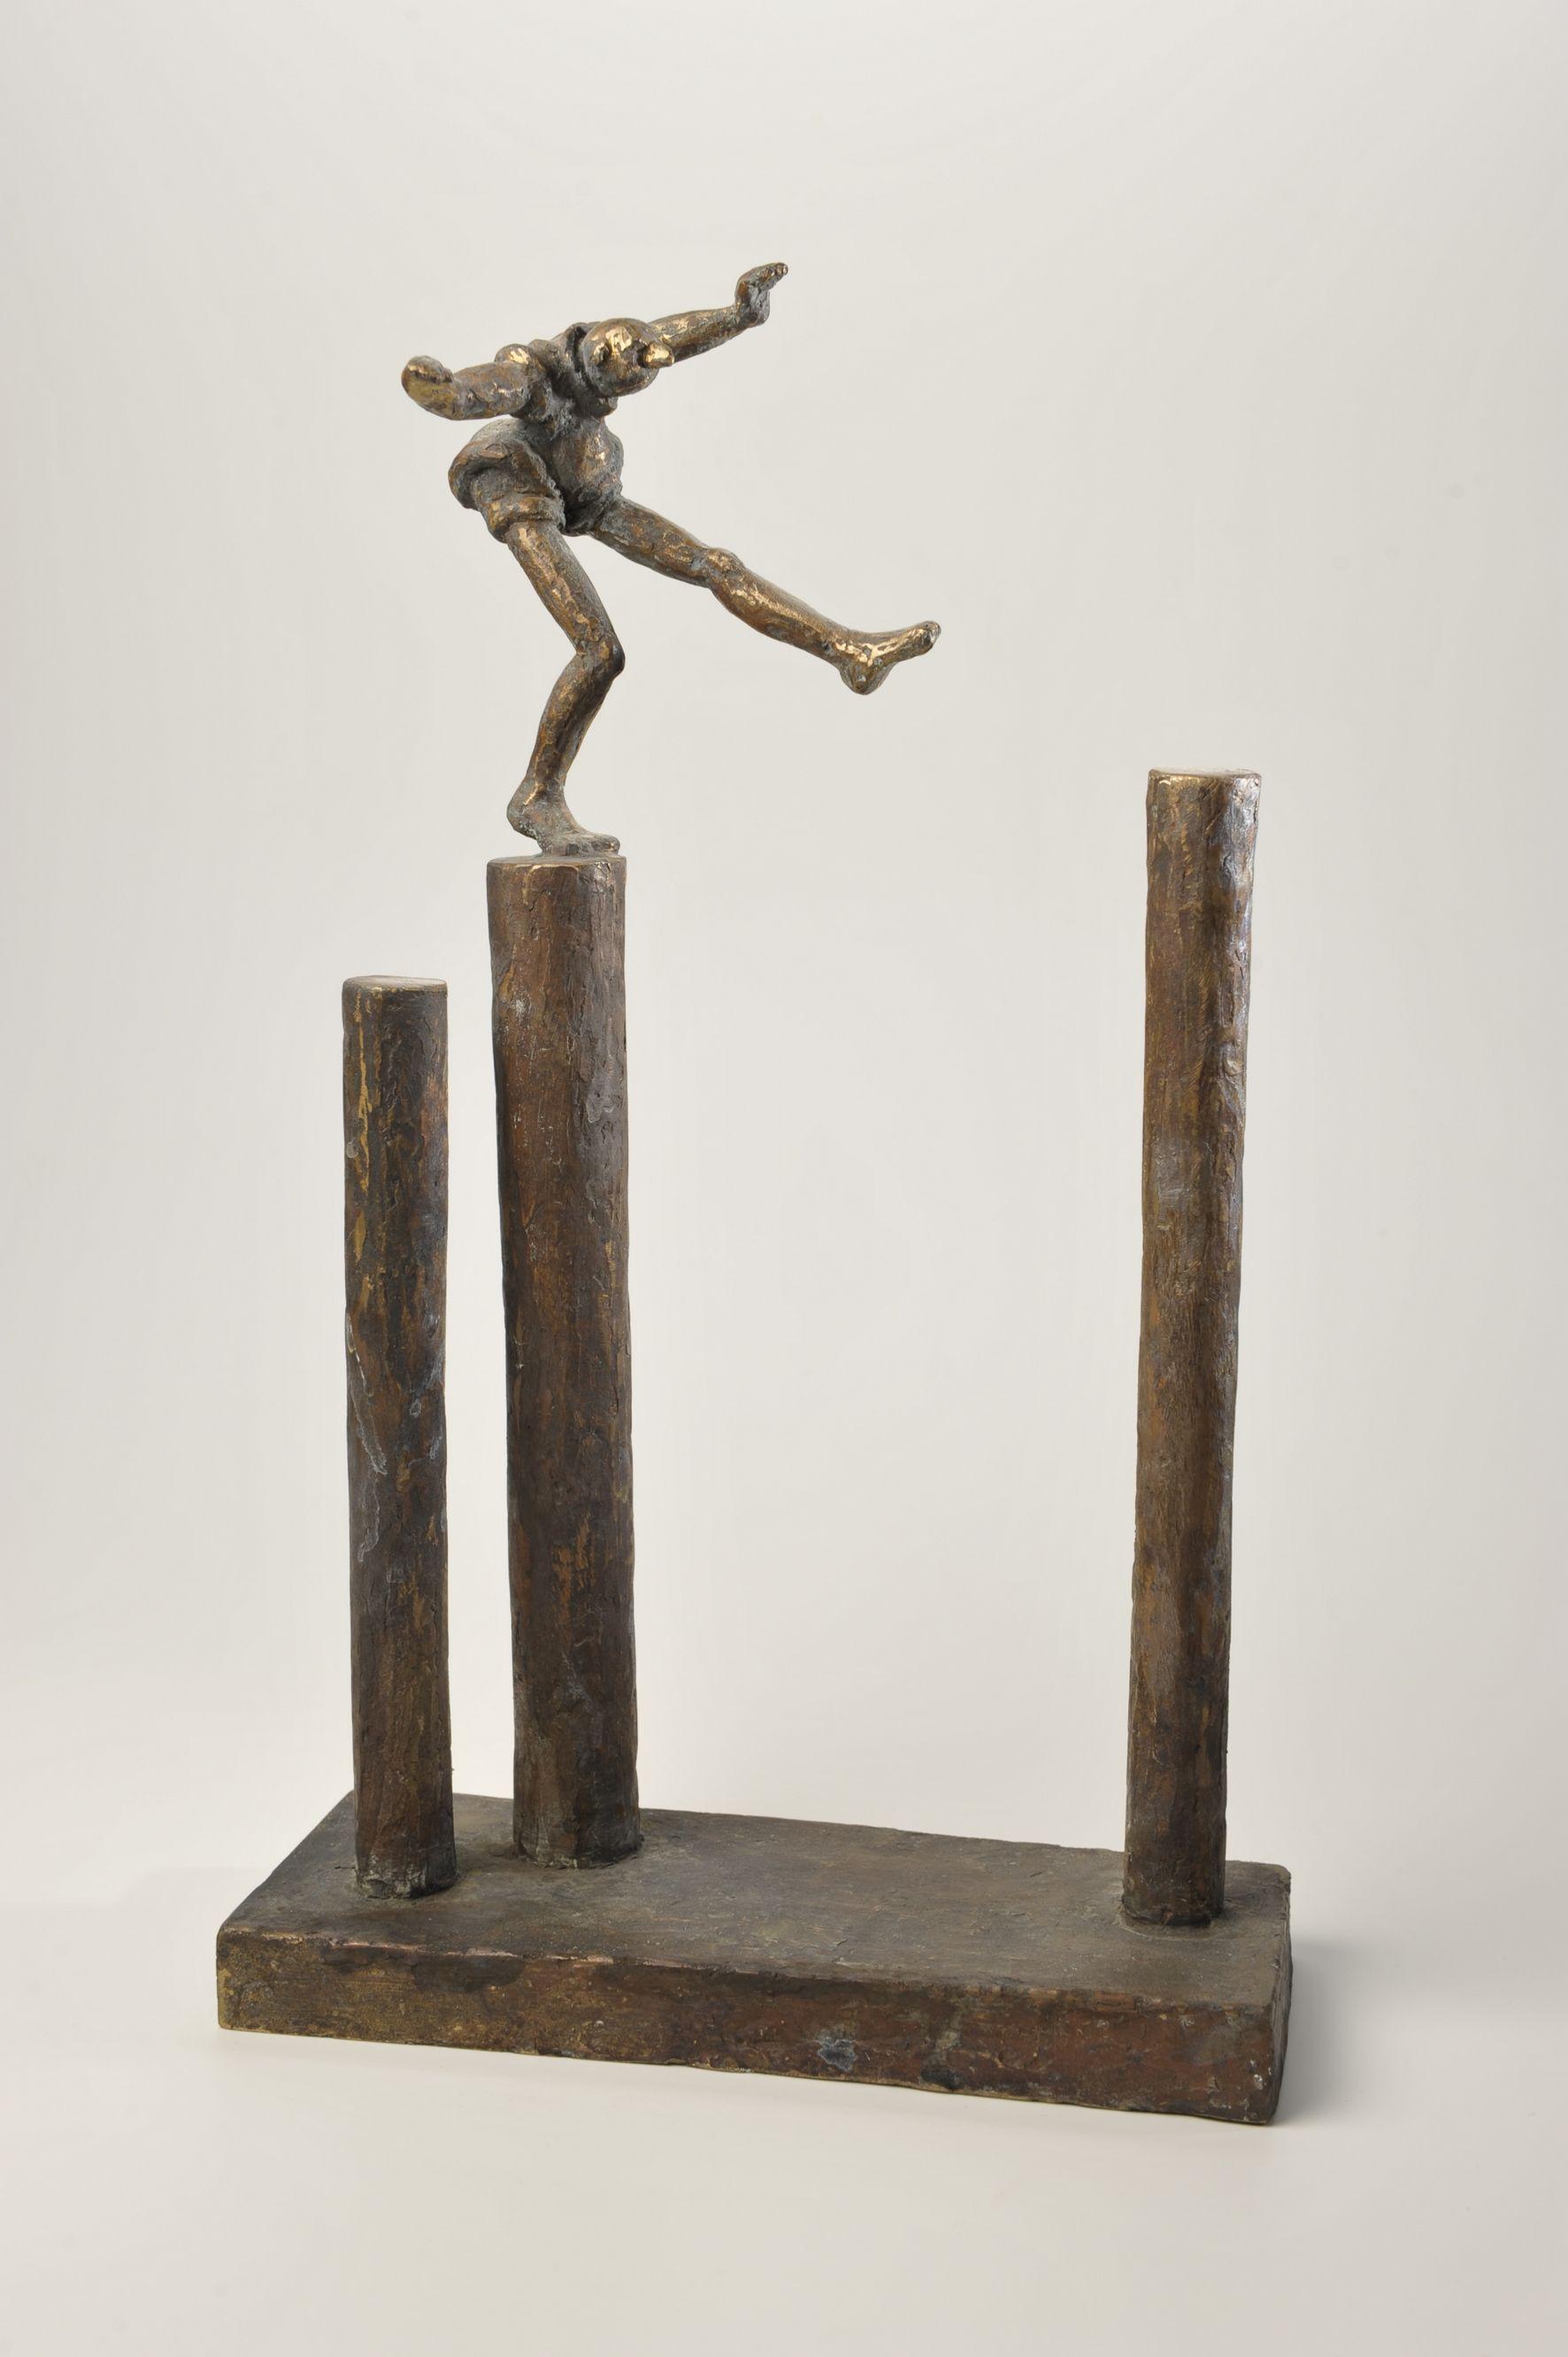 kunst art bronze bronce gartenkunst bildhauer wohnraum schoenerwohnen der kleine saulenspringer 40cm gross sp skulpturen moderne gemälde kaufen online